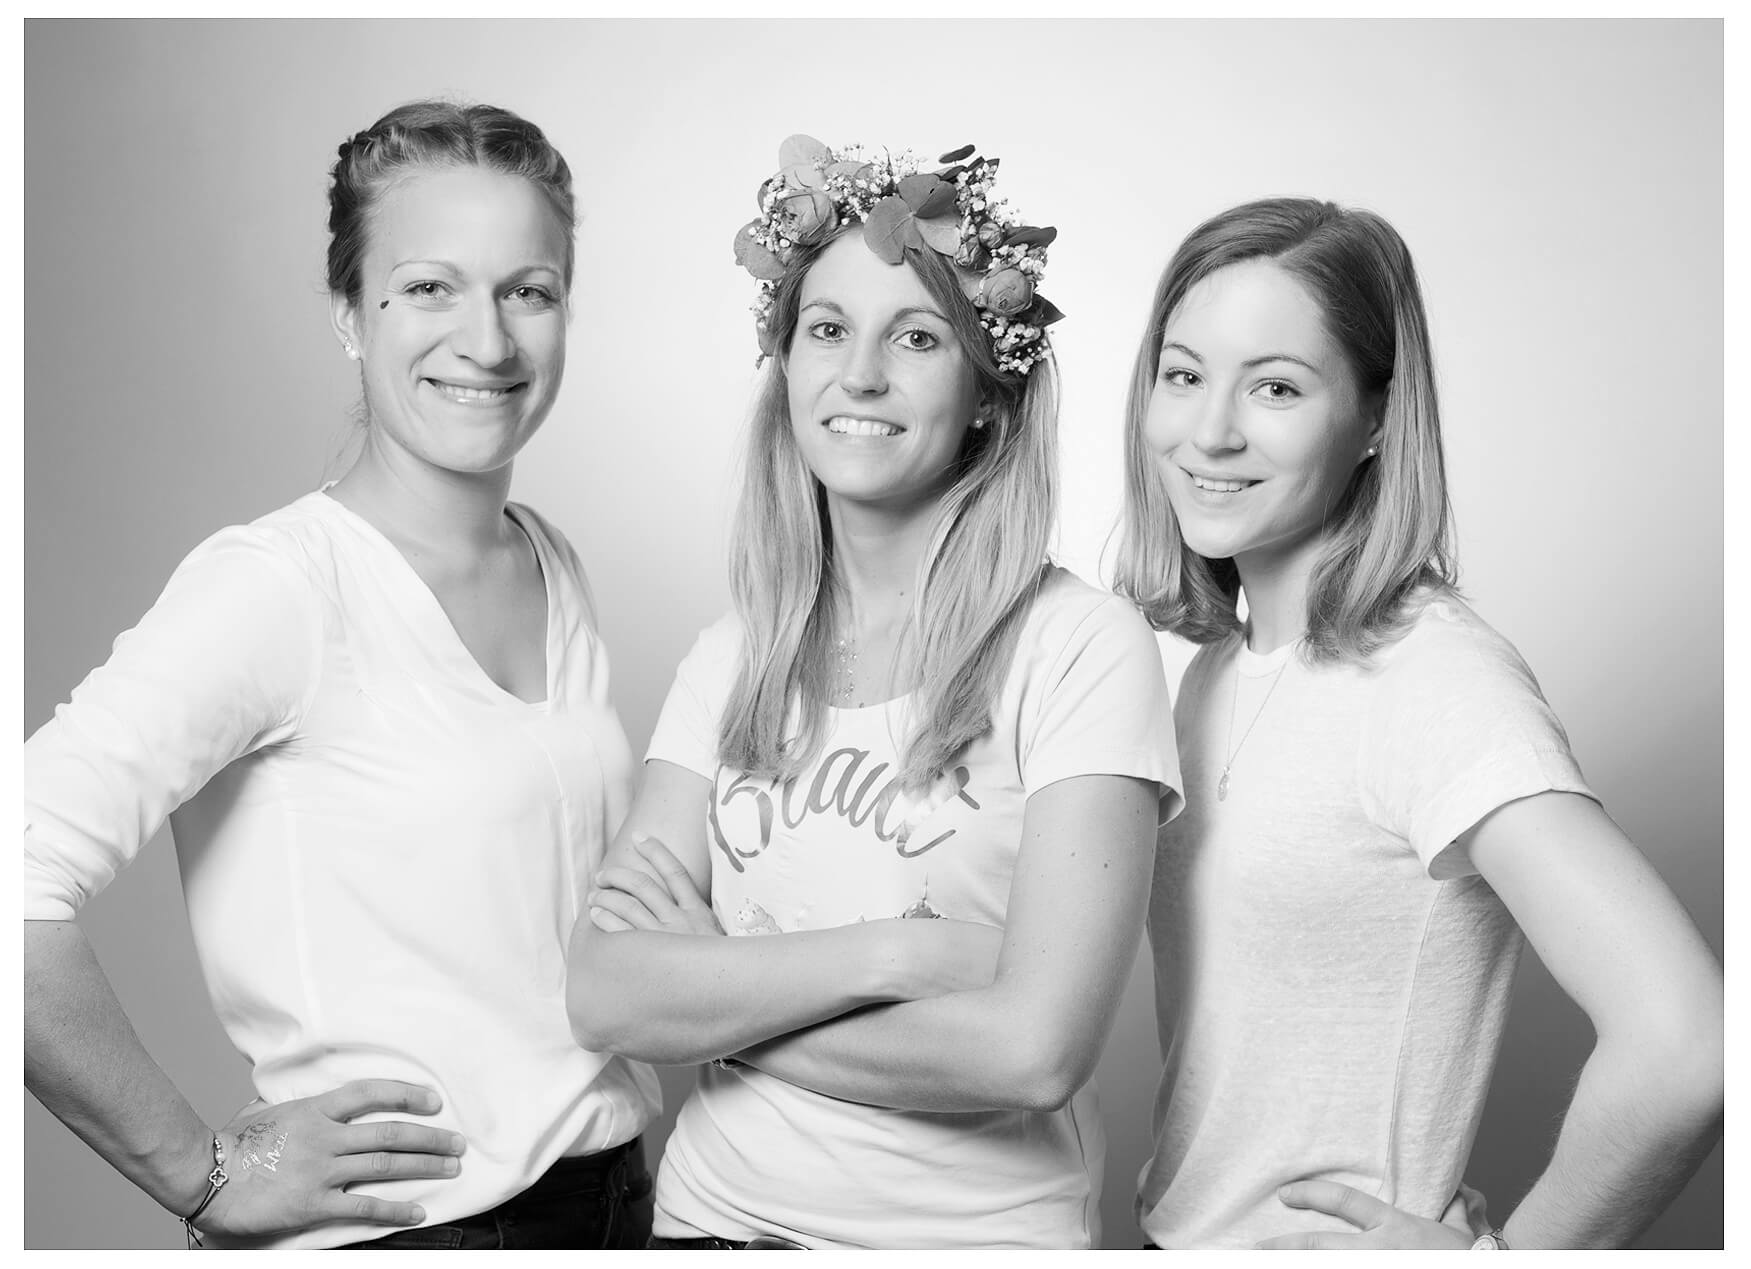 JGA Fotoshooting Portrait Gruppe, schwarz-weiss